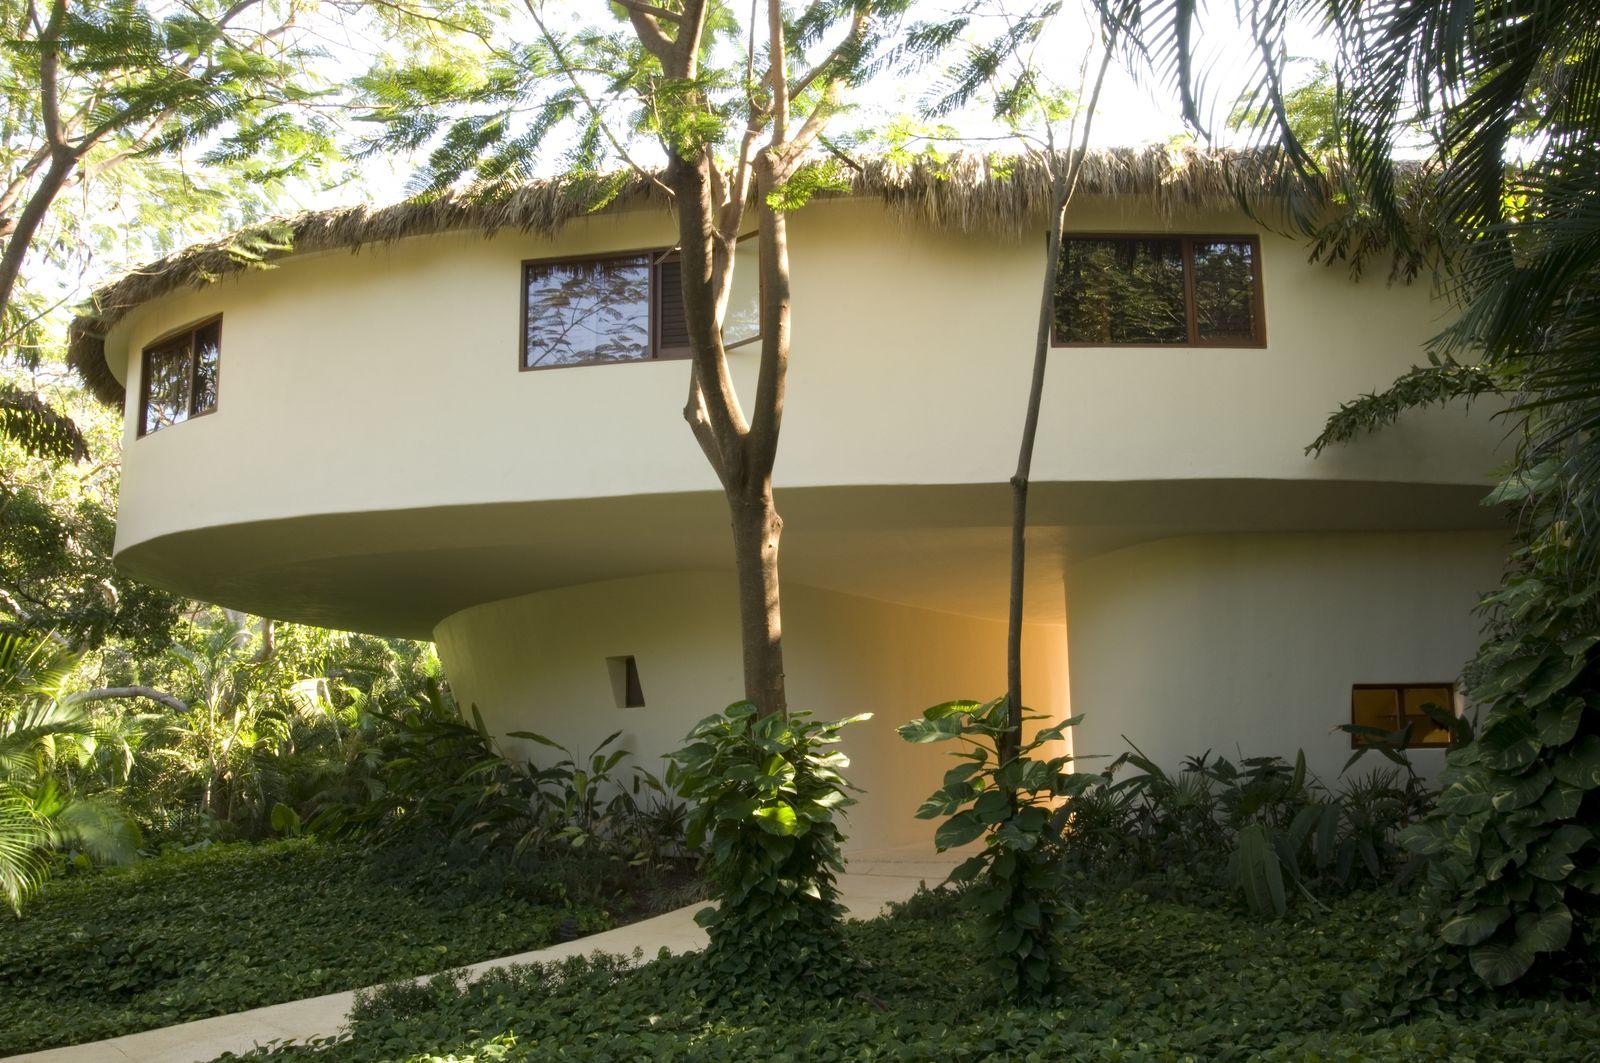 Casa en ixtapa laboratorio de arquitectura blog y for Casa de campo arquitectura